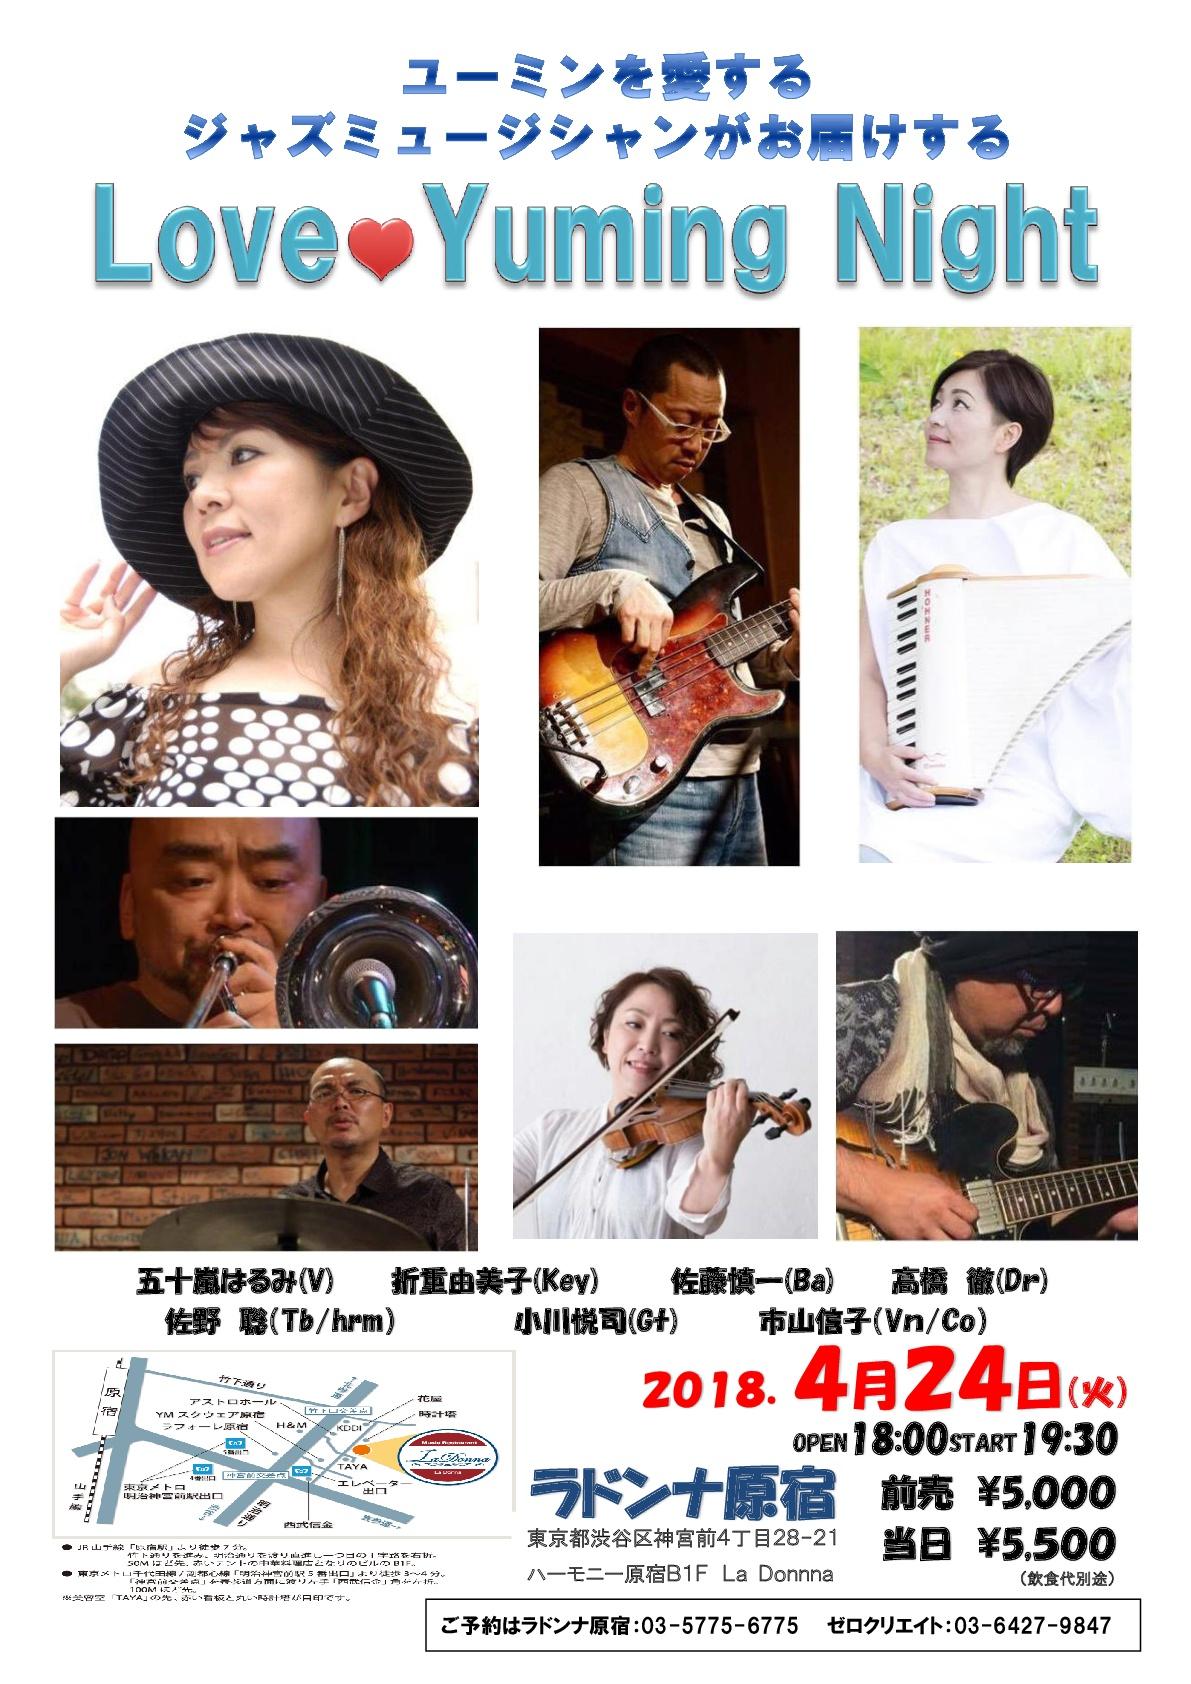 ユーミンを愛する ジャズミュージシャンがお届けする Love  ♥ Yuming Night